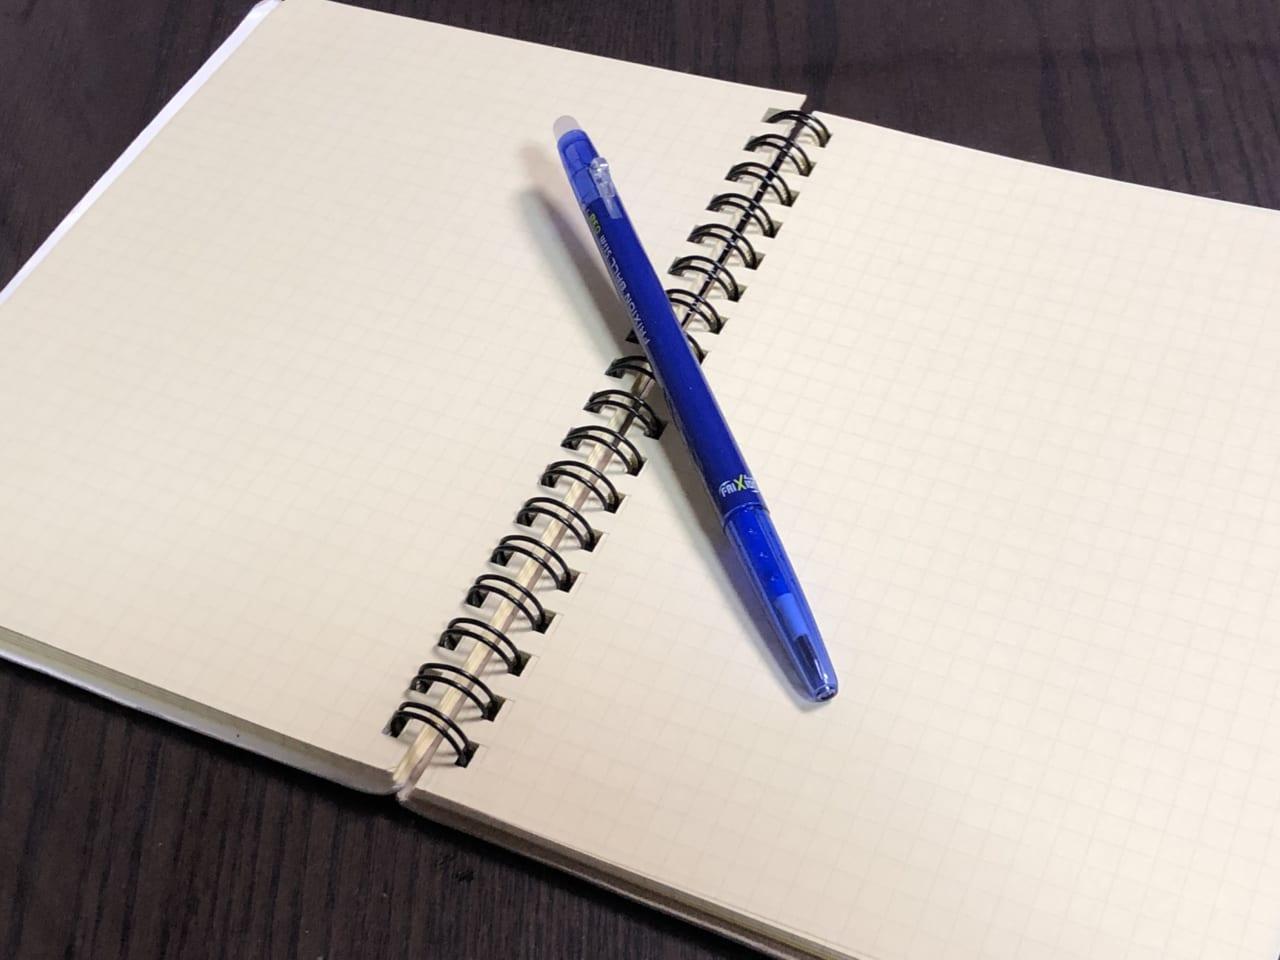 思考を整理する時につかうノート